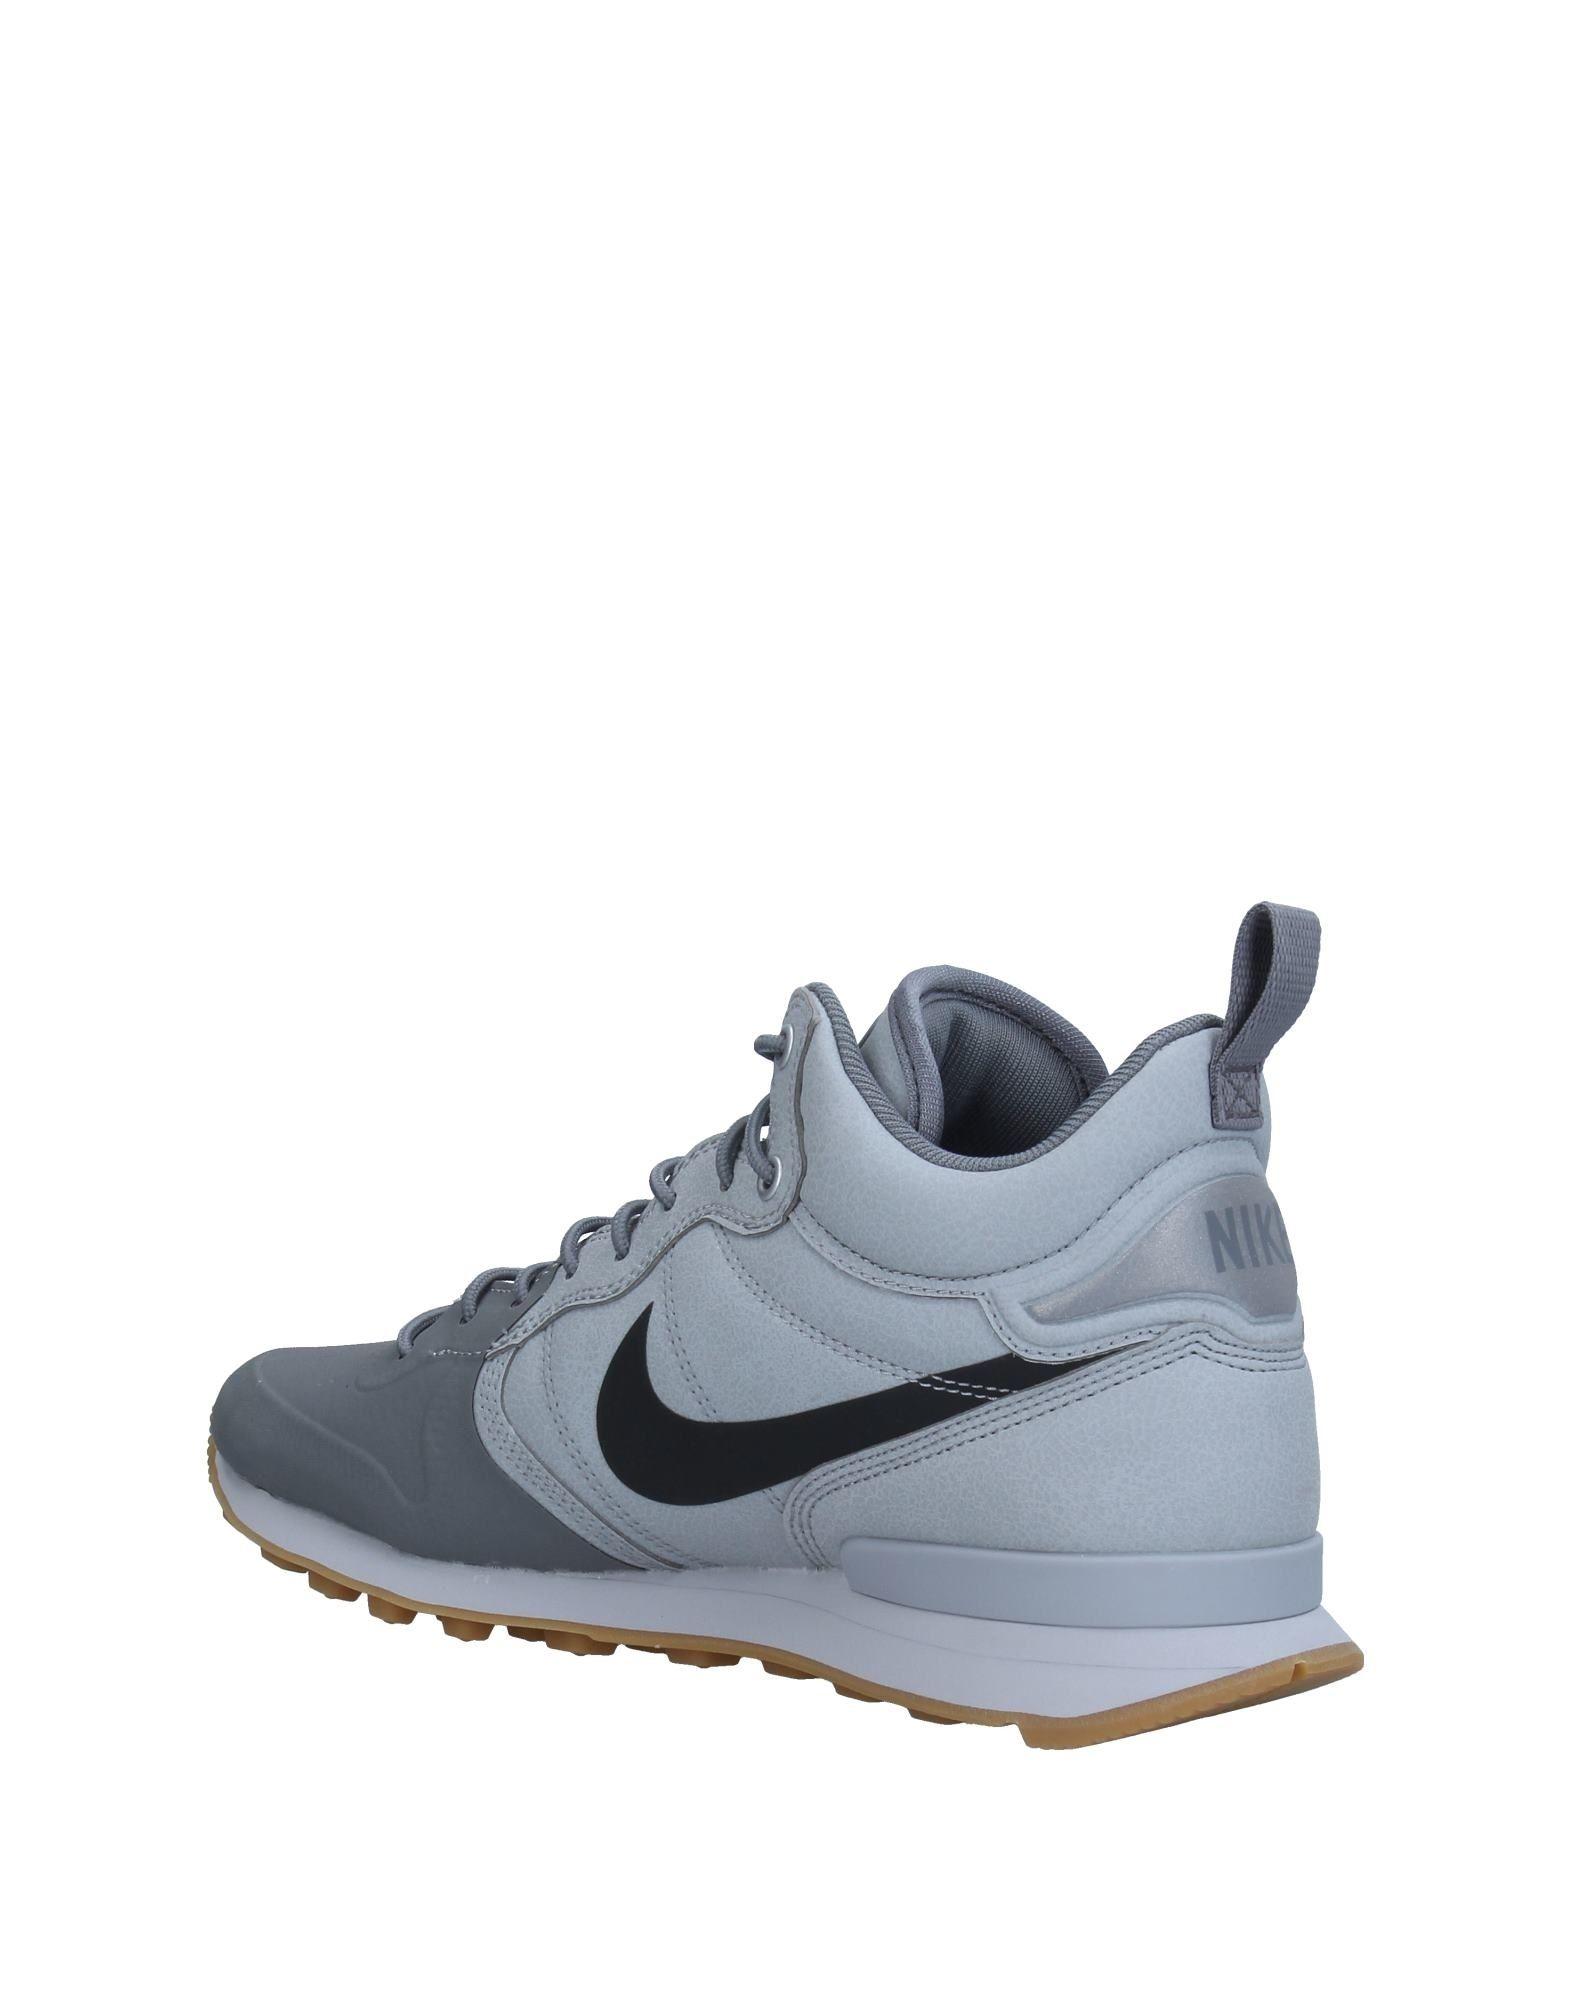 Rabatt echte Schuhe Schuhe echte Nike Sneakers Herren  11266718PN 030e30